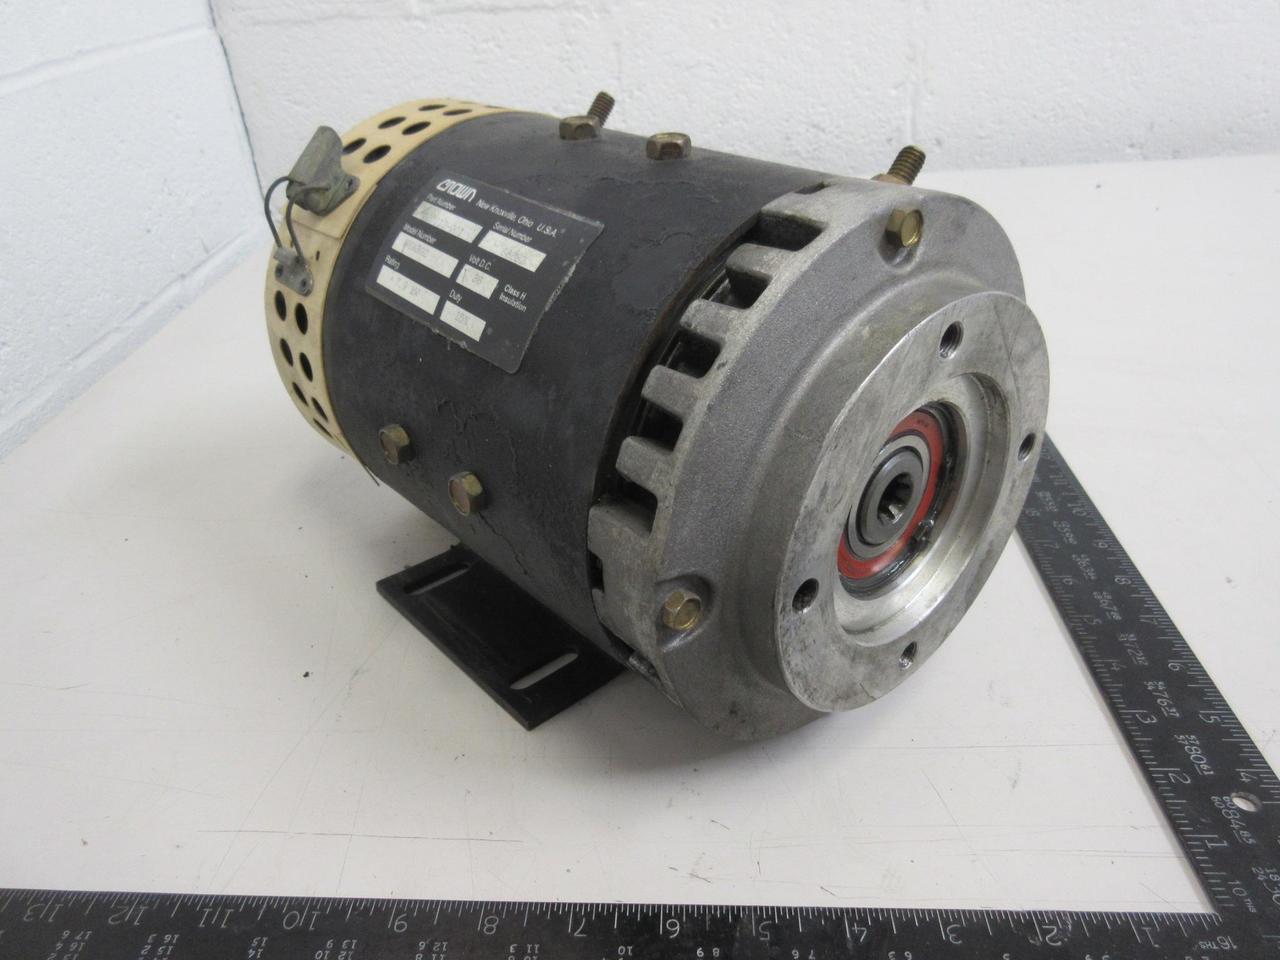 Crown 020113 001 W6ab02 Pump Motor 7 9 Kw 36 Vdc T96913